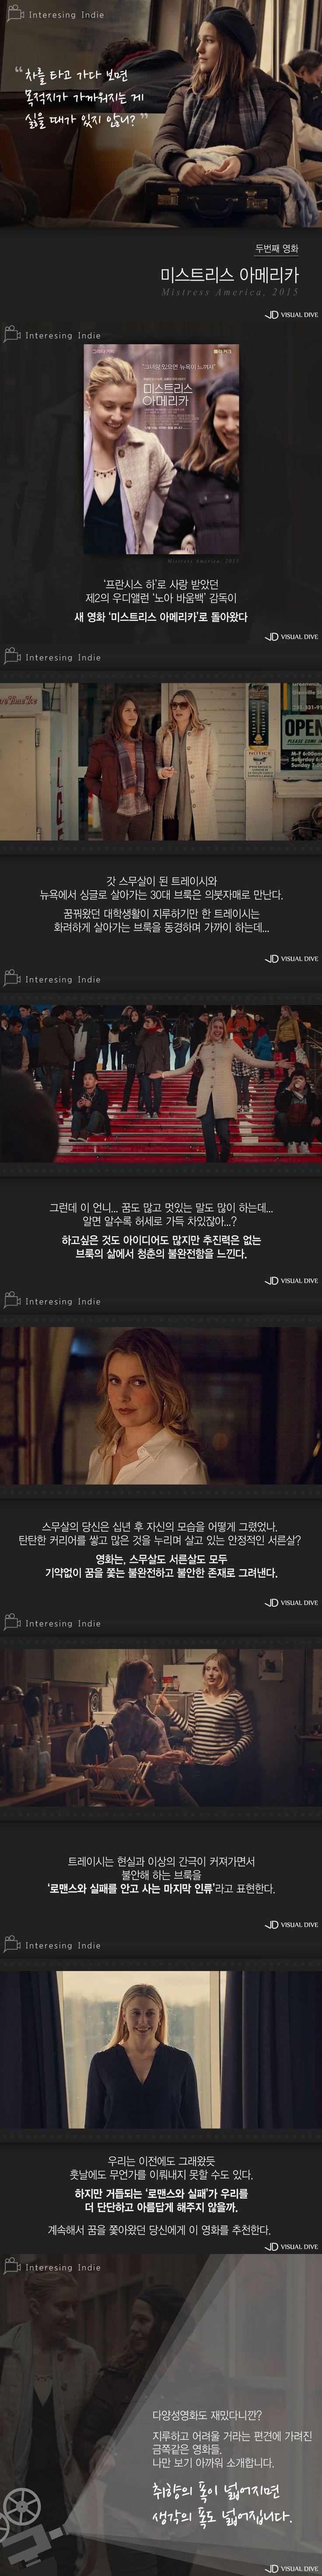 이상과 현실 사이 '미스트리스 아메리카' [카드뉴스] #Movie / #Cardnews ⓒ 비주얼다이브 무단 복사·전재·재배포 금지